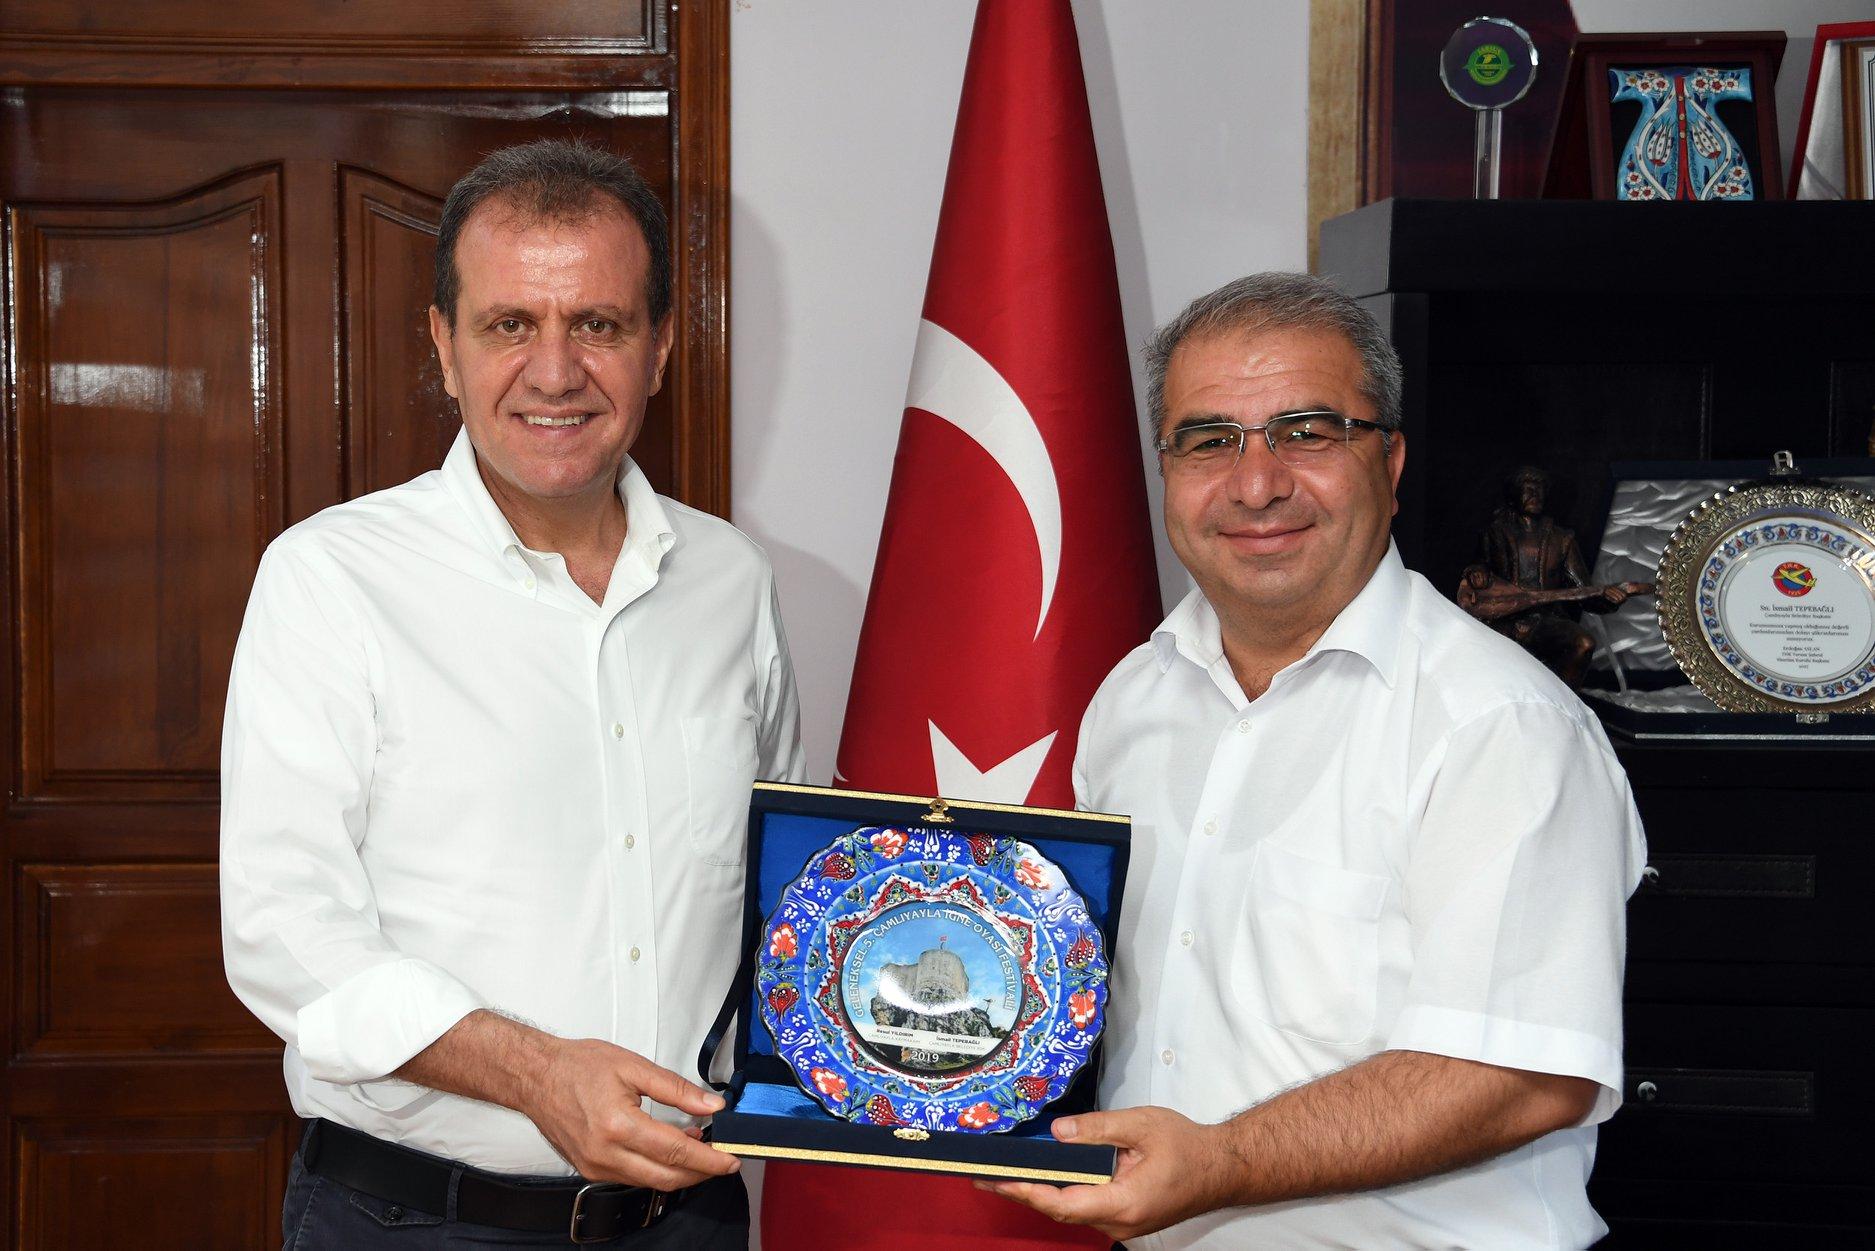 Çamlıyayla Belediye Başkanı Tepebağlı'nın eşide Covid'e yakalandı